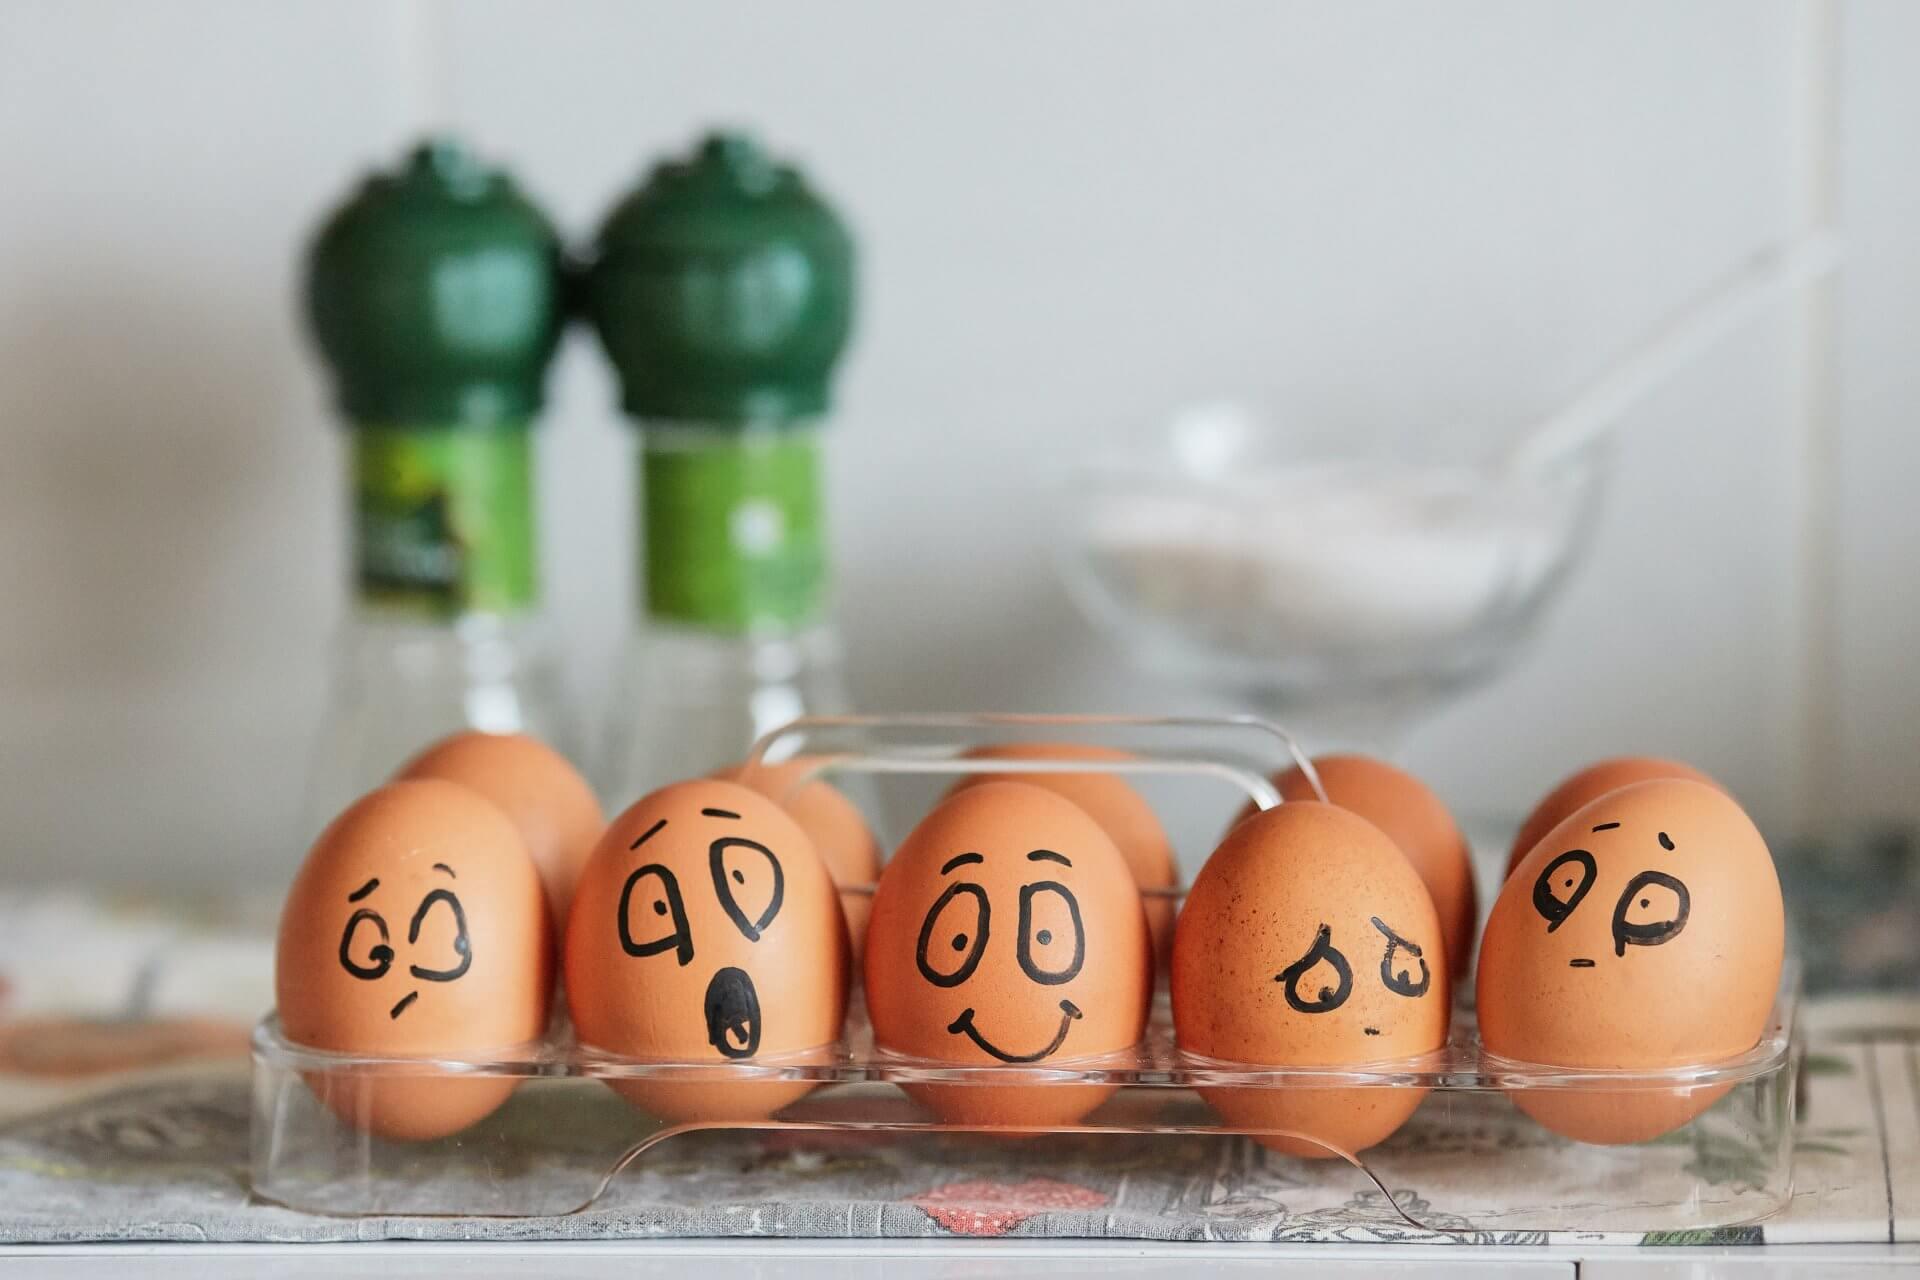 Mégis lehet mindennap tojást enni?